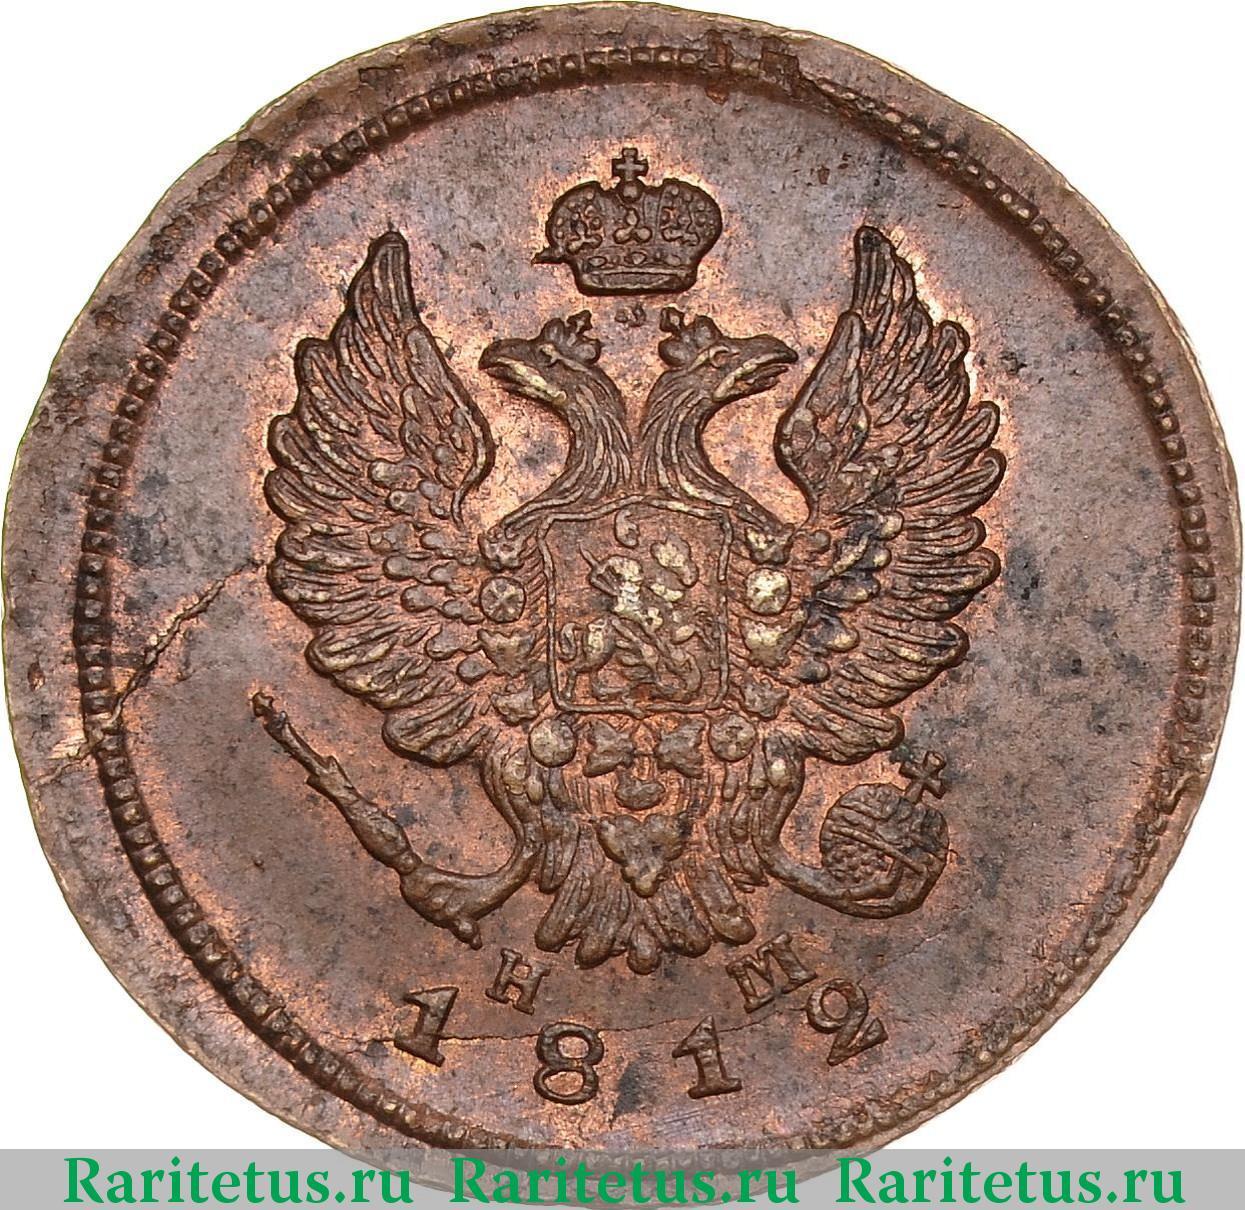 Царские монеты 2 копейки доллар сакагавея купить